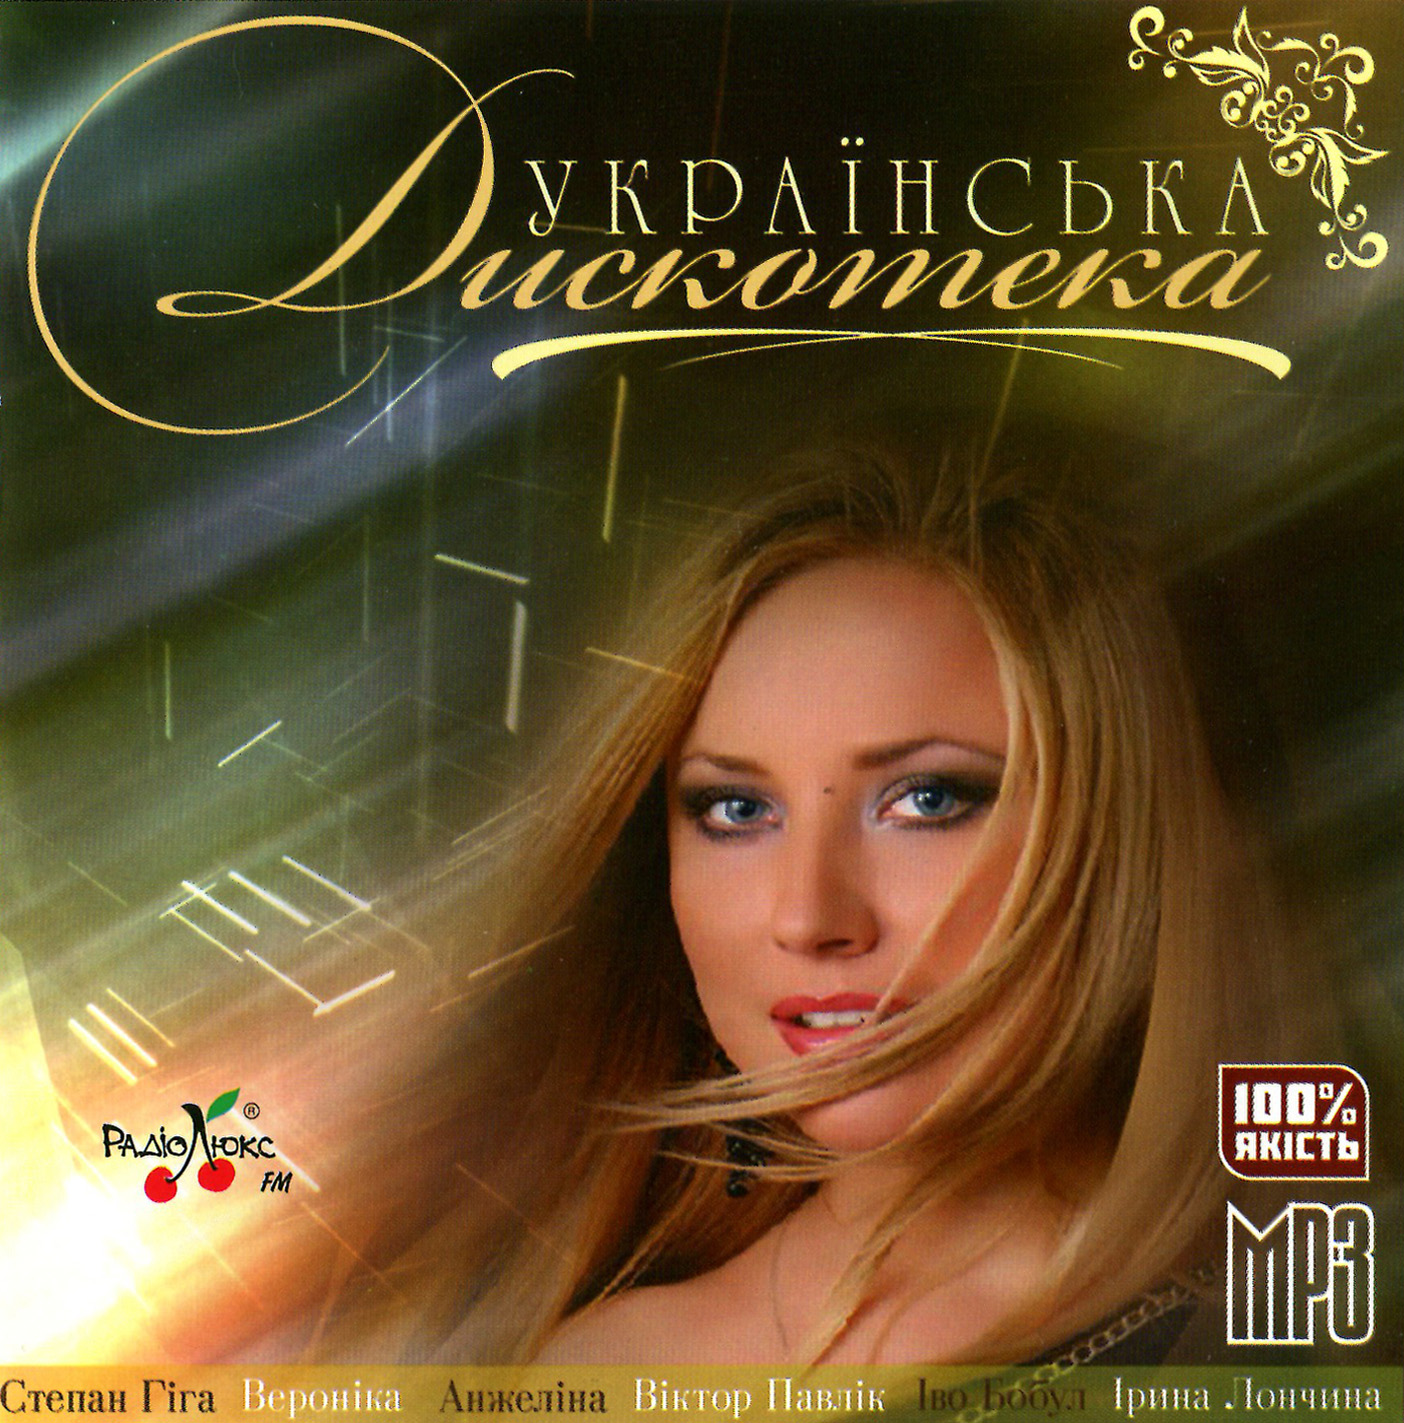 Українська дискотека [mp3]